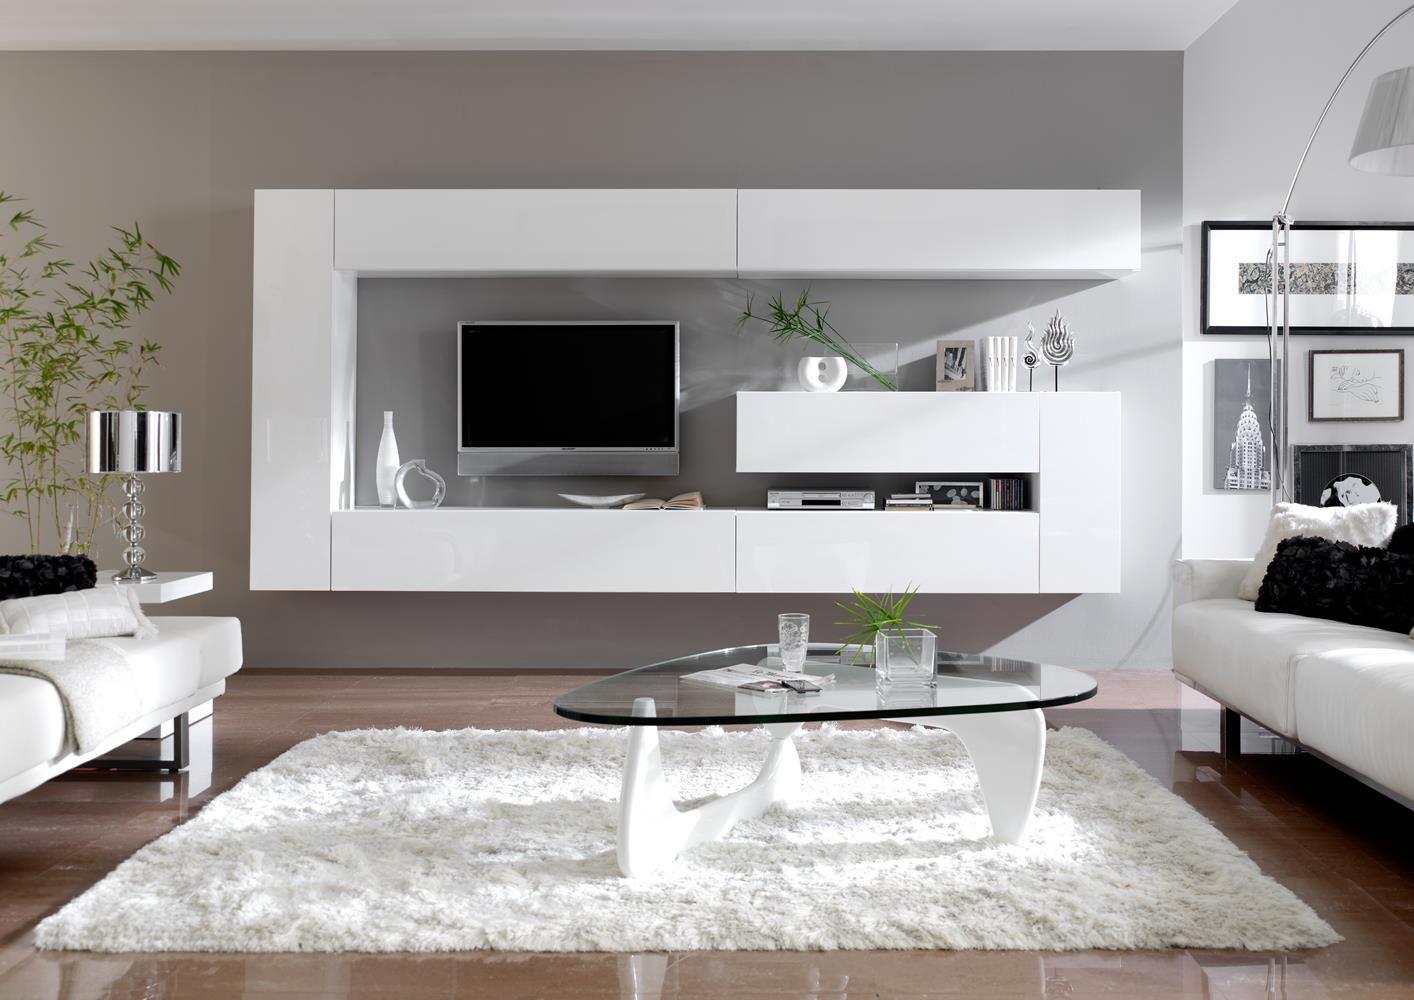 Resultat De Recherche D Images Pour Combinaison Murale Meuble Tv Mural Design Mobilier De Salon Meuble Tv Mural